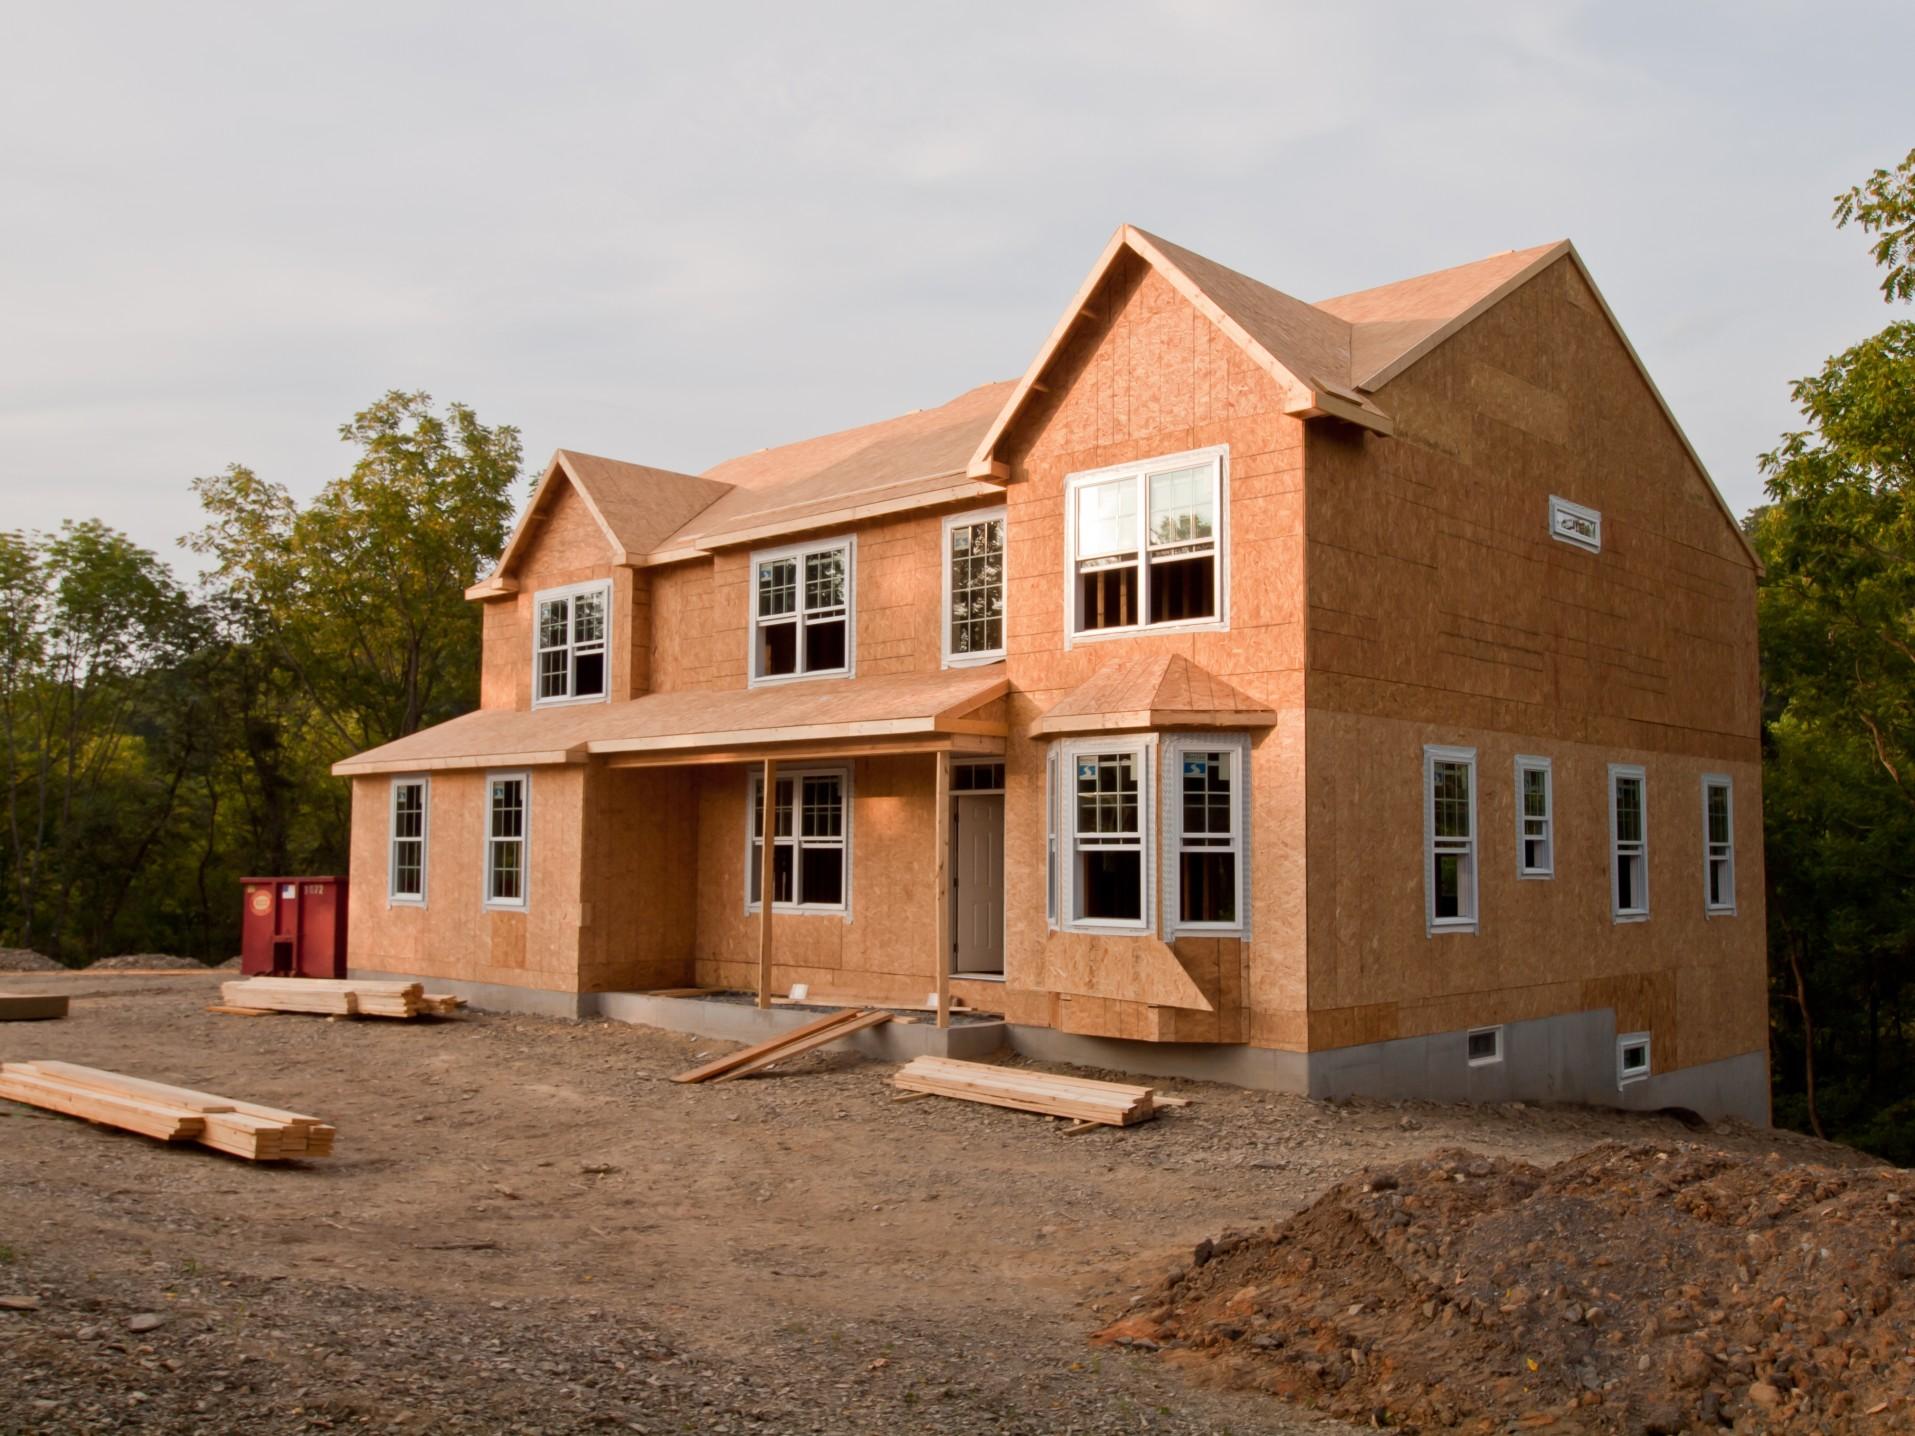 les avantages et inconvénients de construire une maison sur mesure